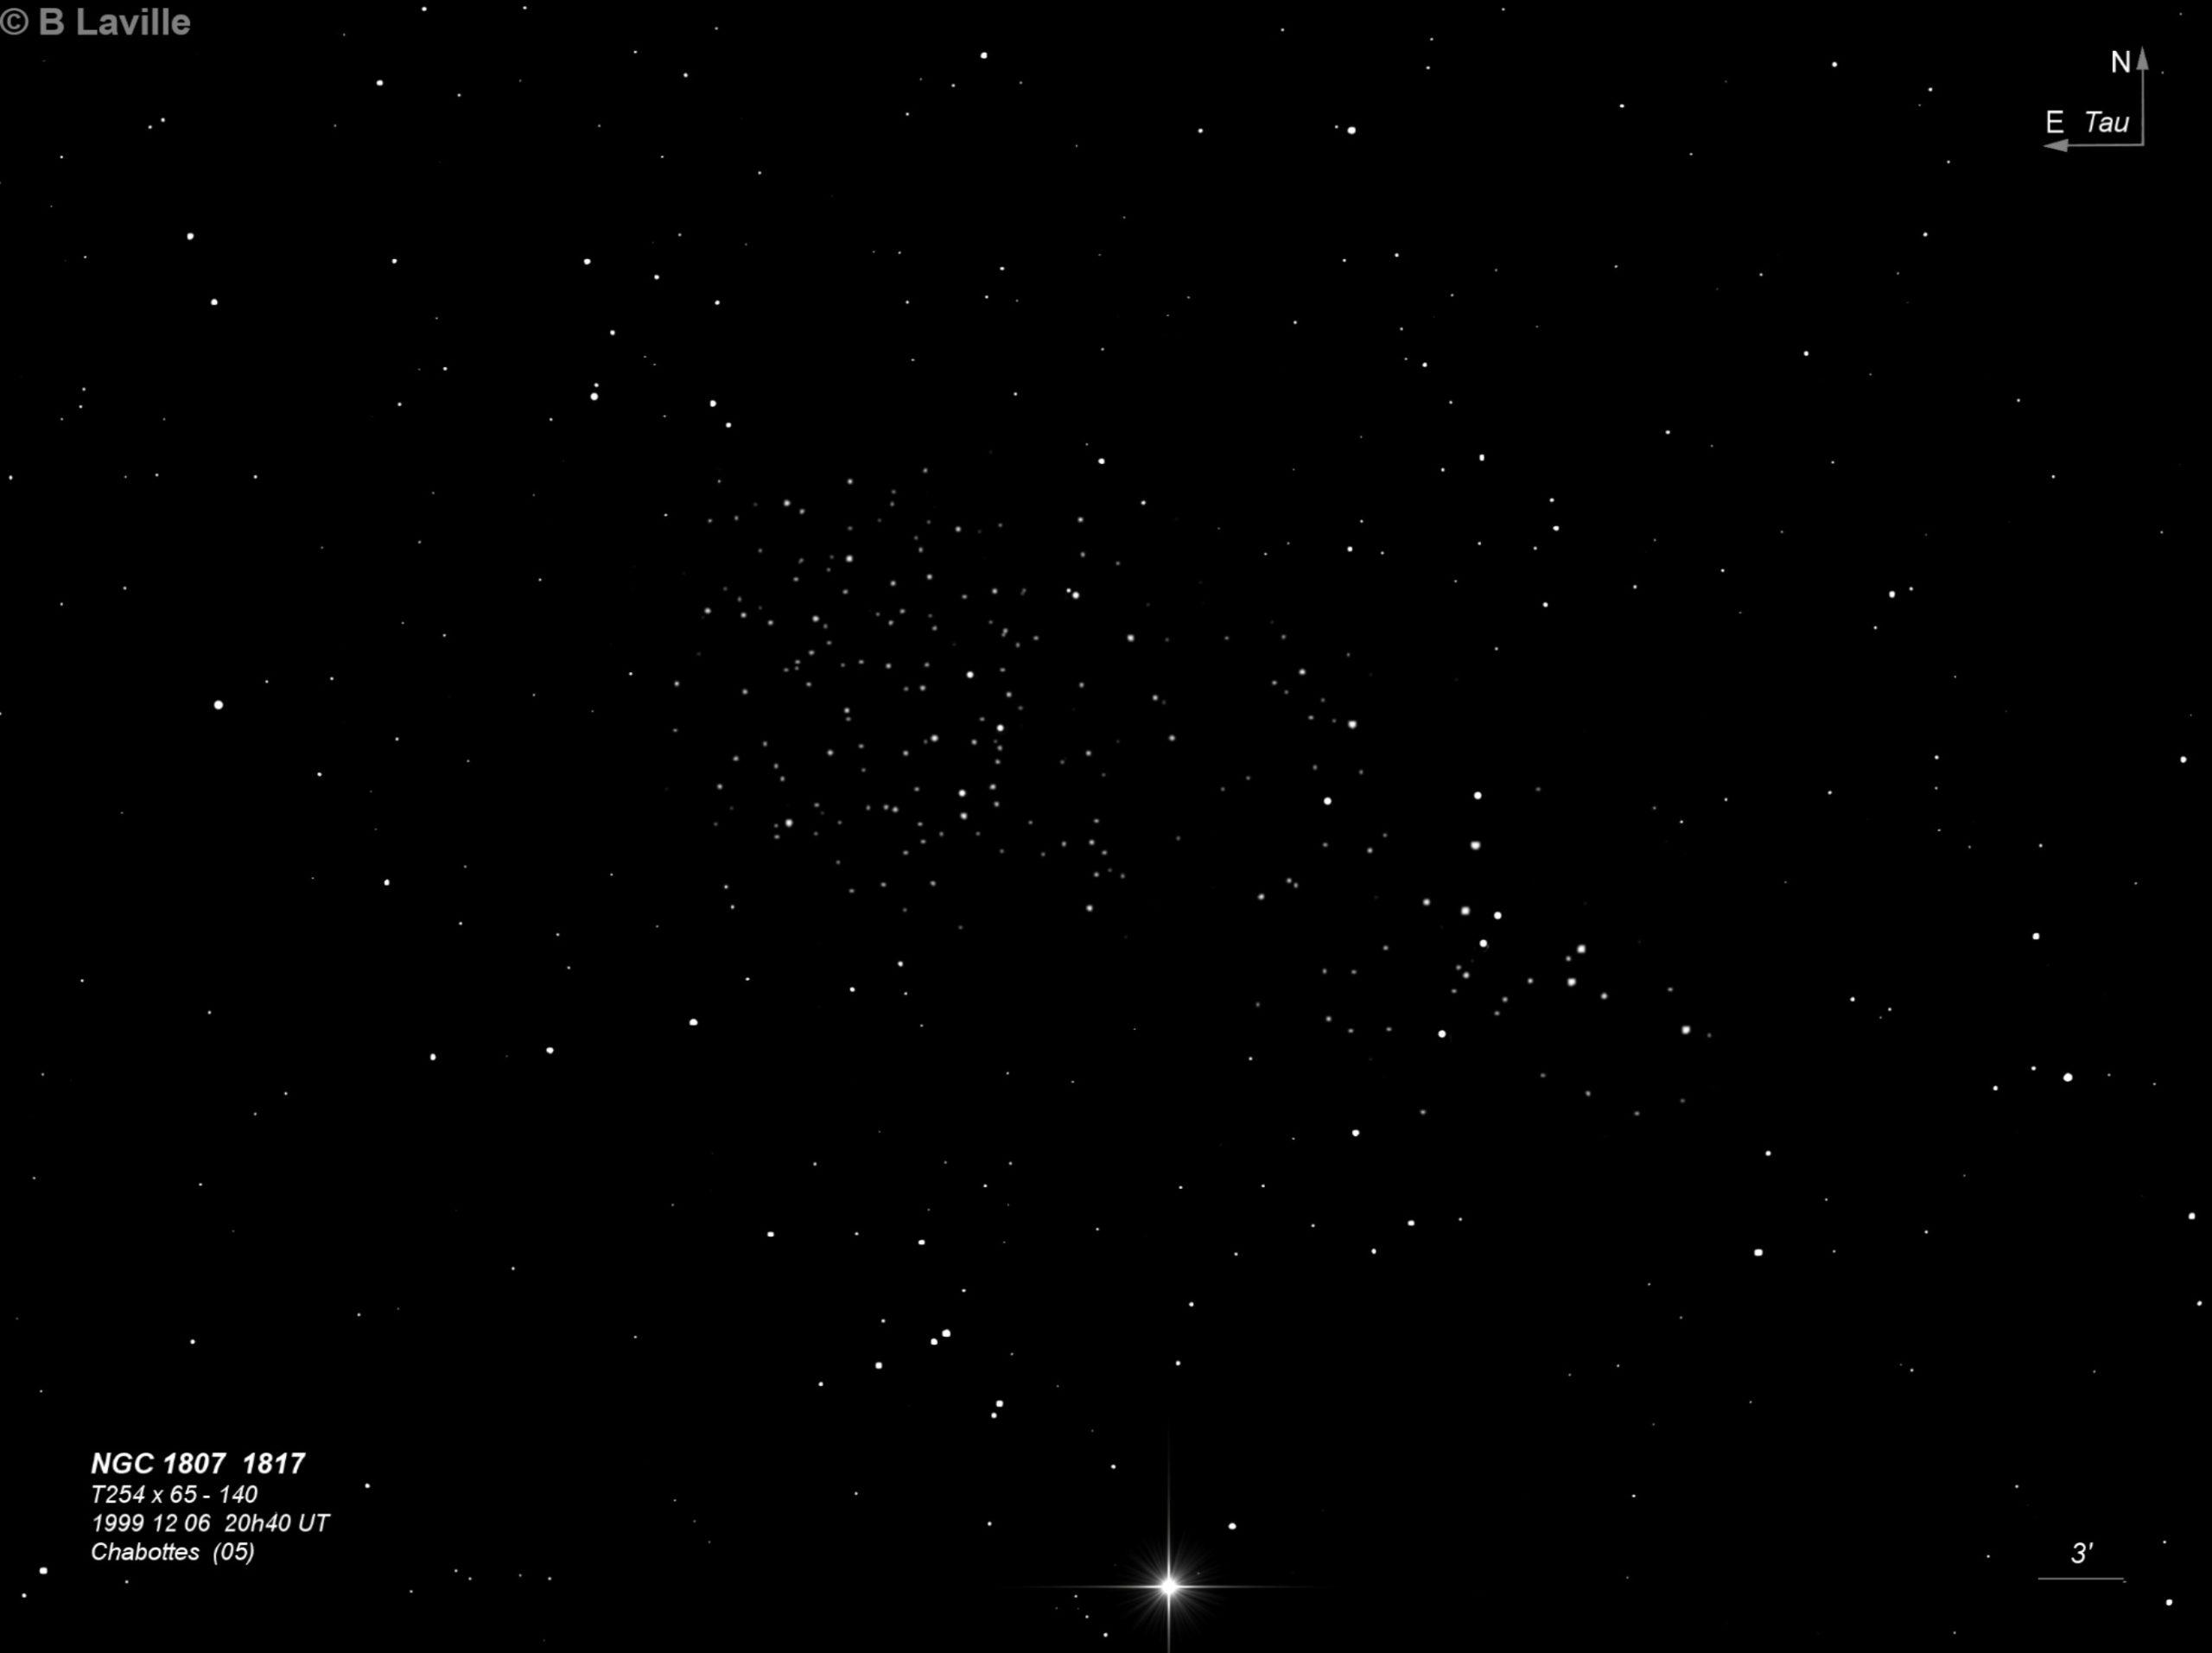 NGC 1807 + NGC 1817